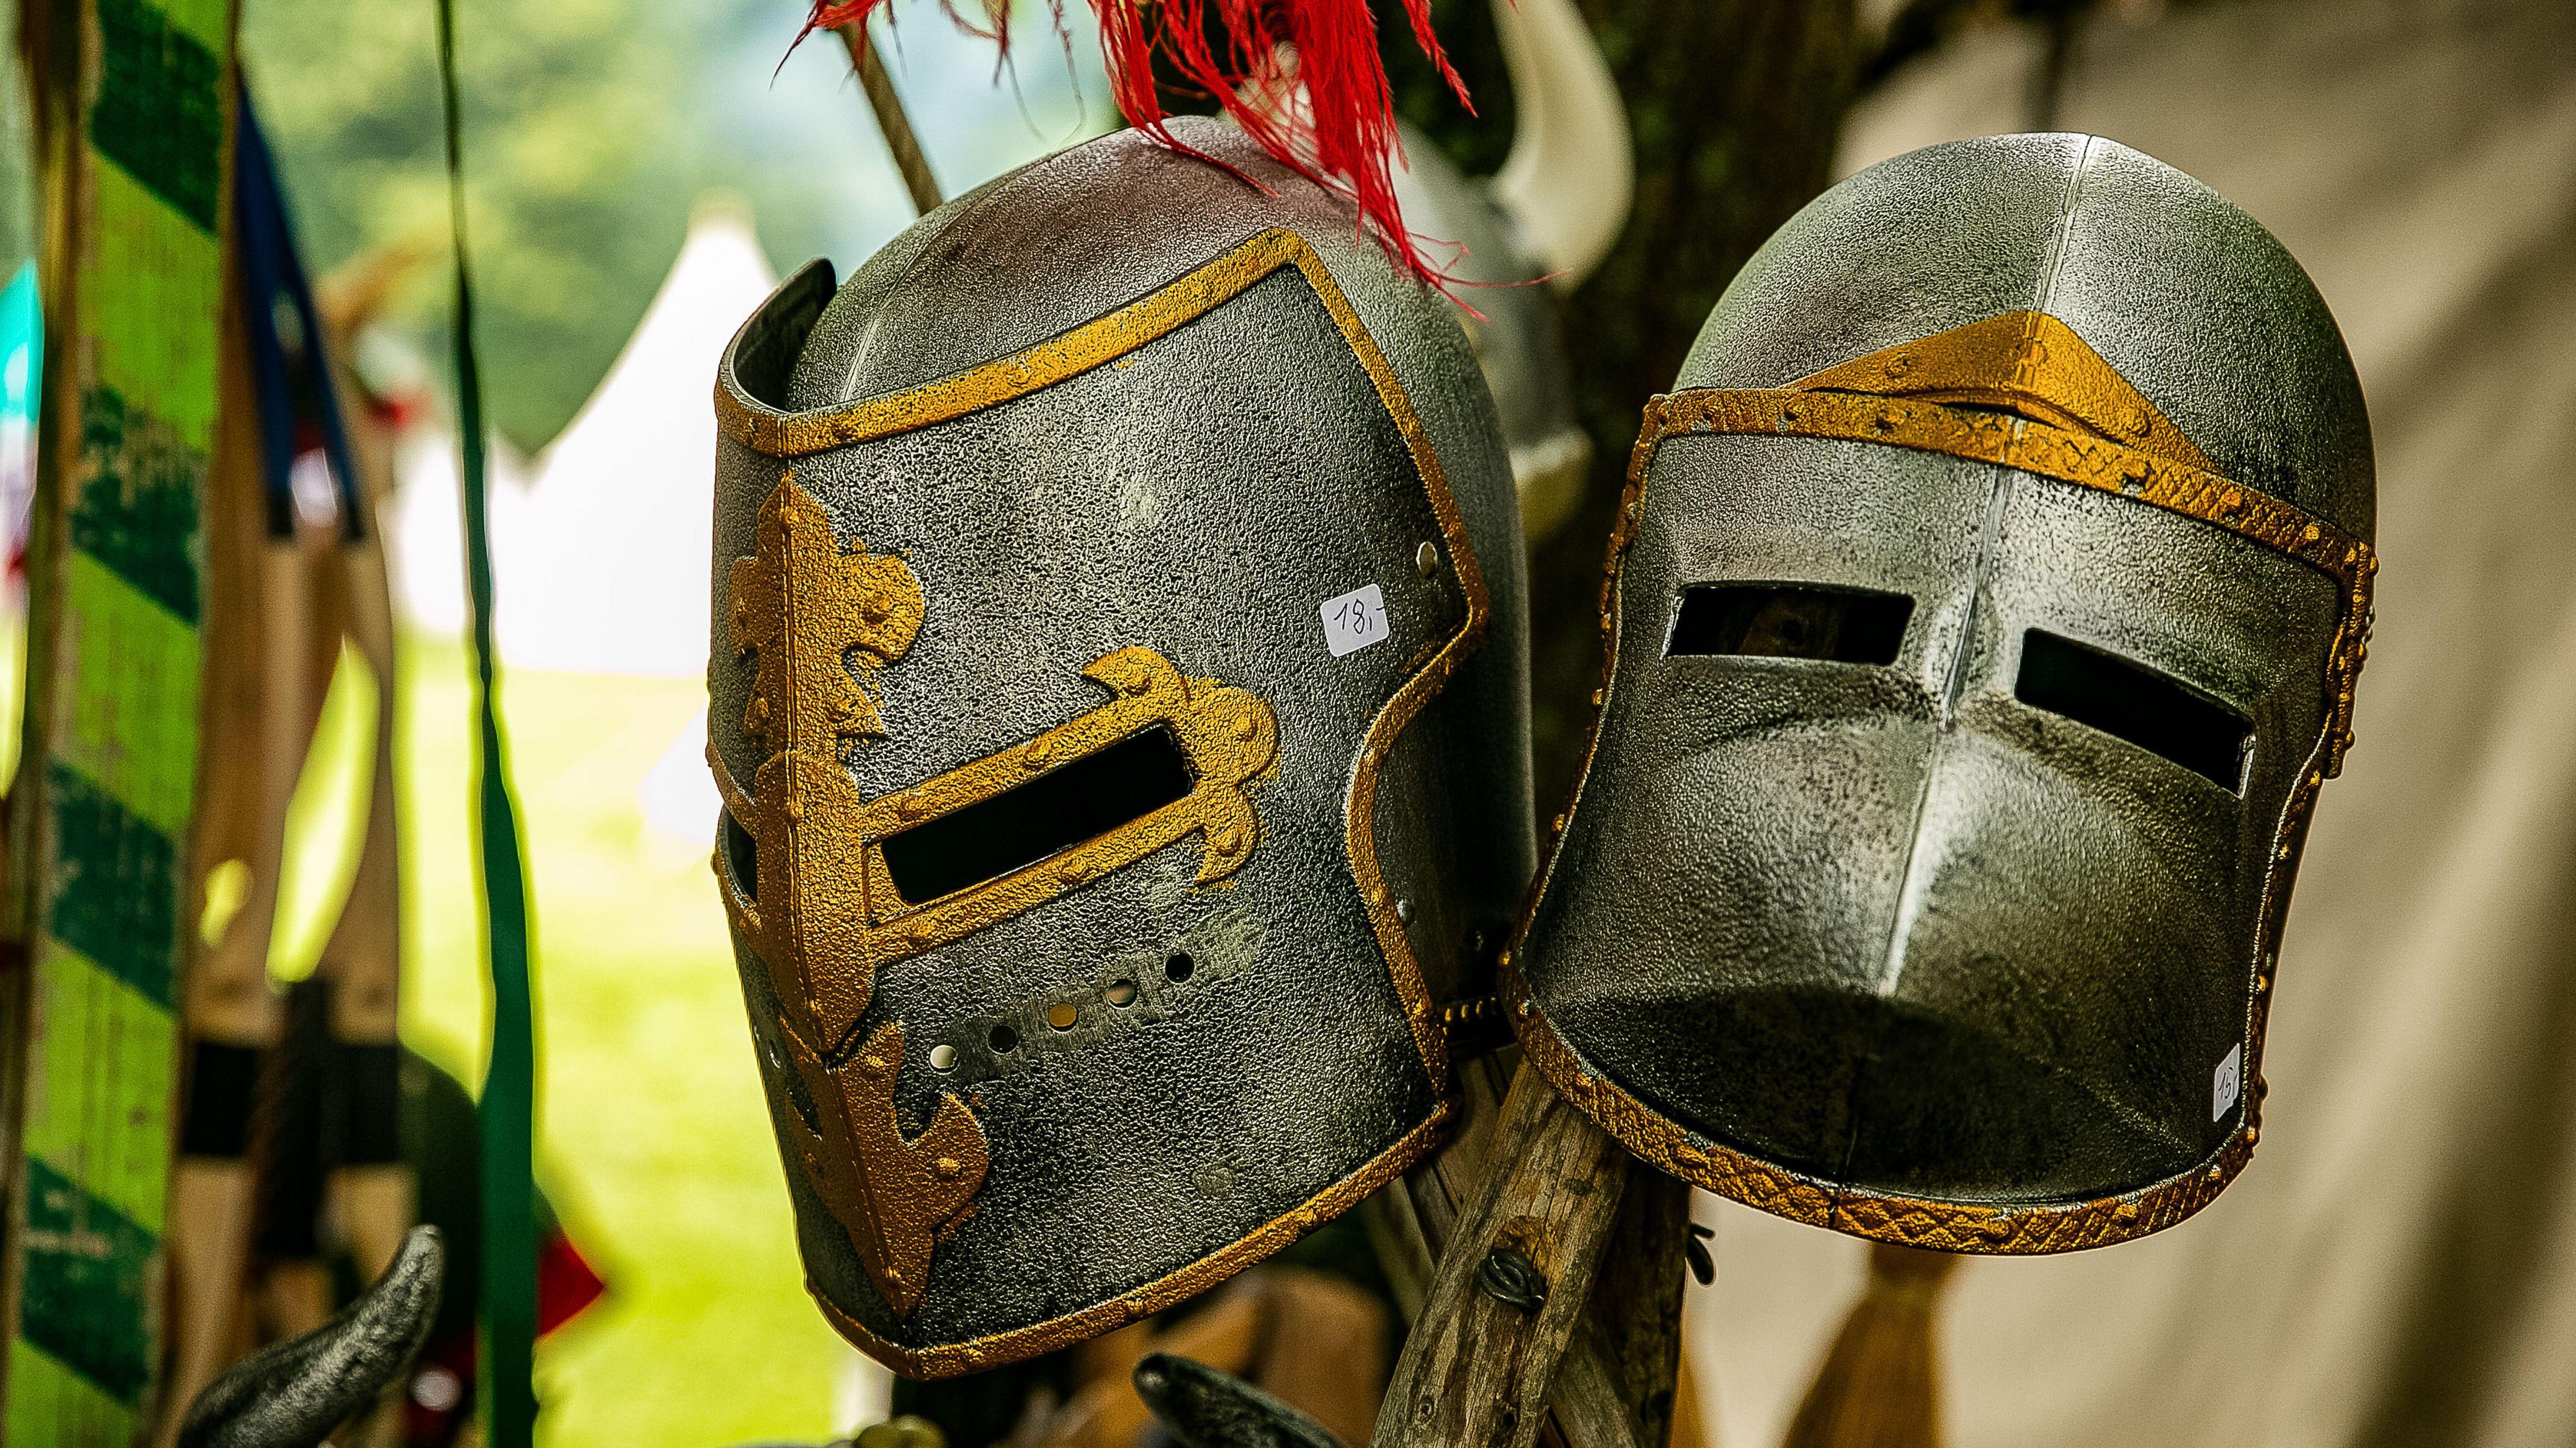 Zwei Ritterhelme, die man auf dem Mittelaltermarkt in Reutlingen kaufen kann.